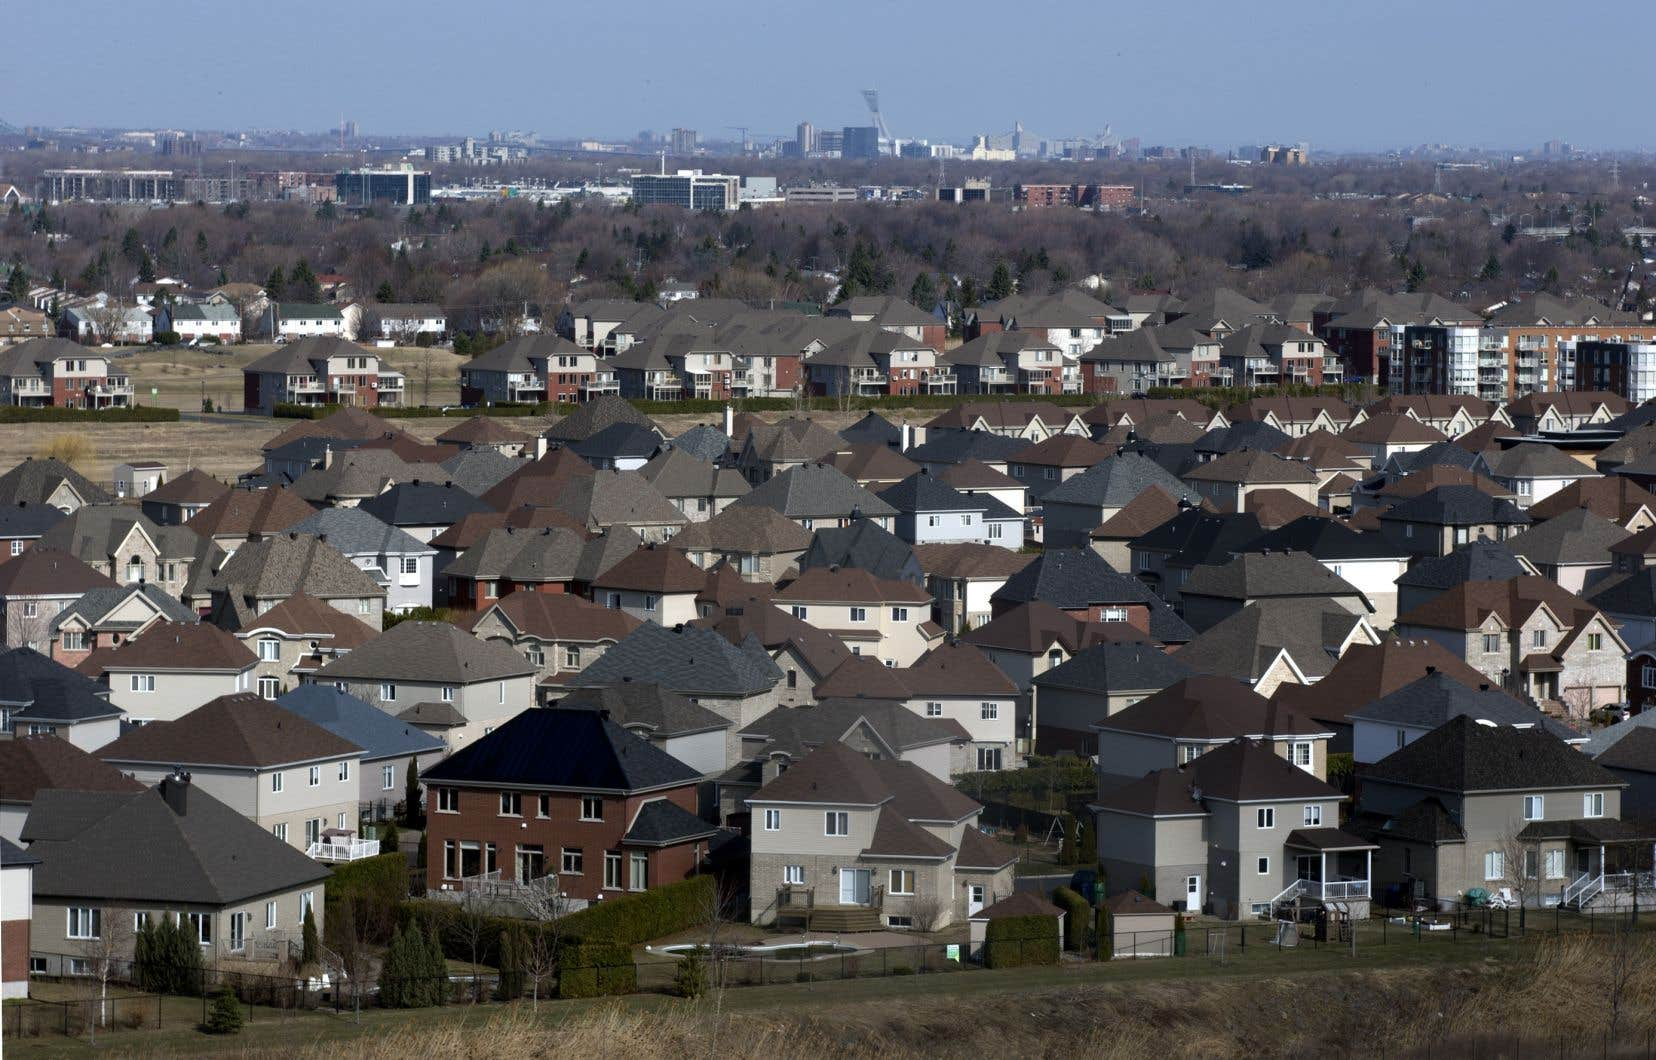 Permise au Québec depuis 1994, l'hypothèque parapluie facilite l'accès au crédit, mais peut inciter les consommateurs au surendettement.